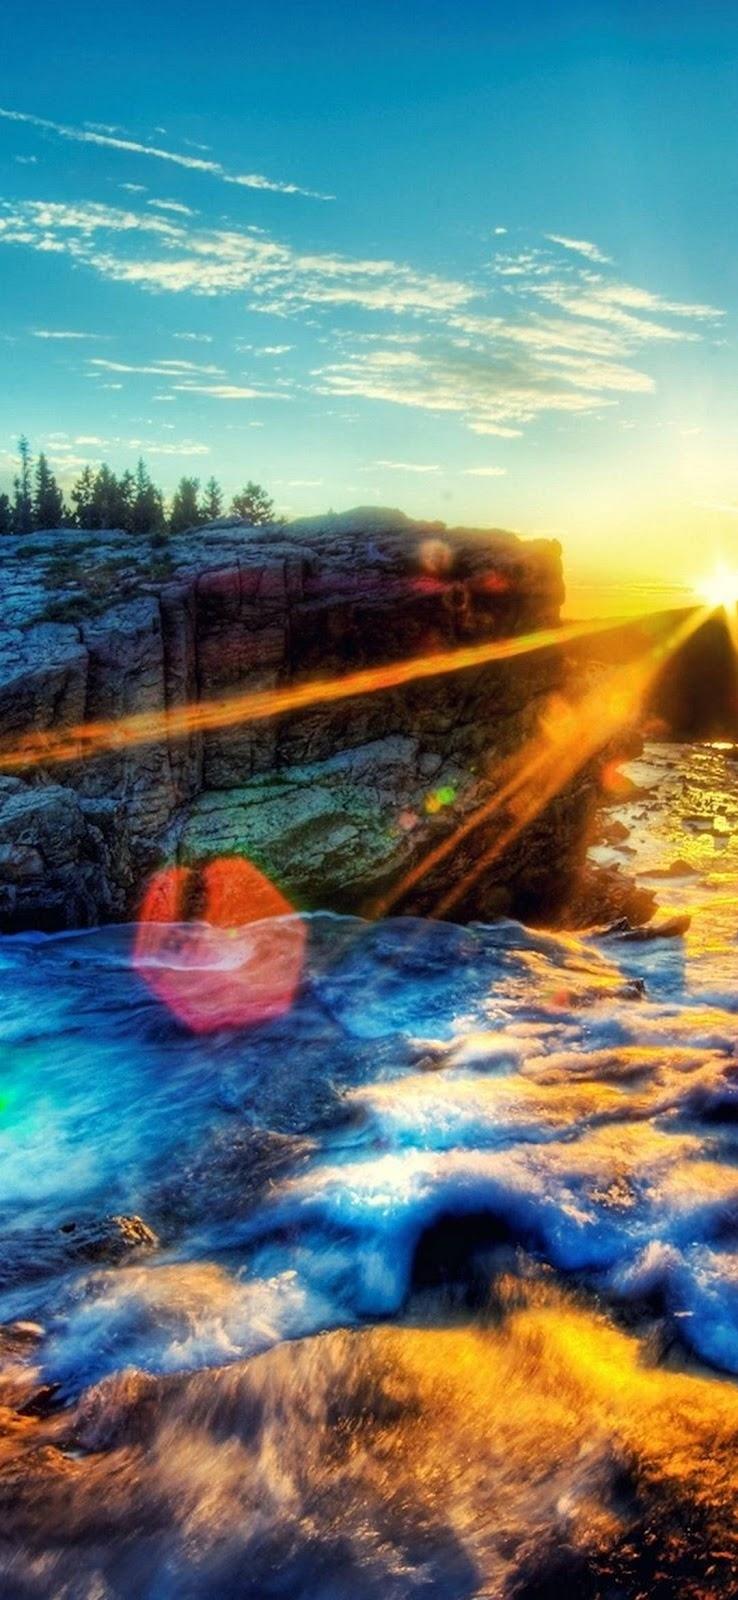 paesaggio di montagna, fiume, onde e rocce, tramonto